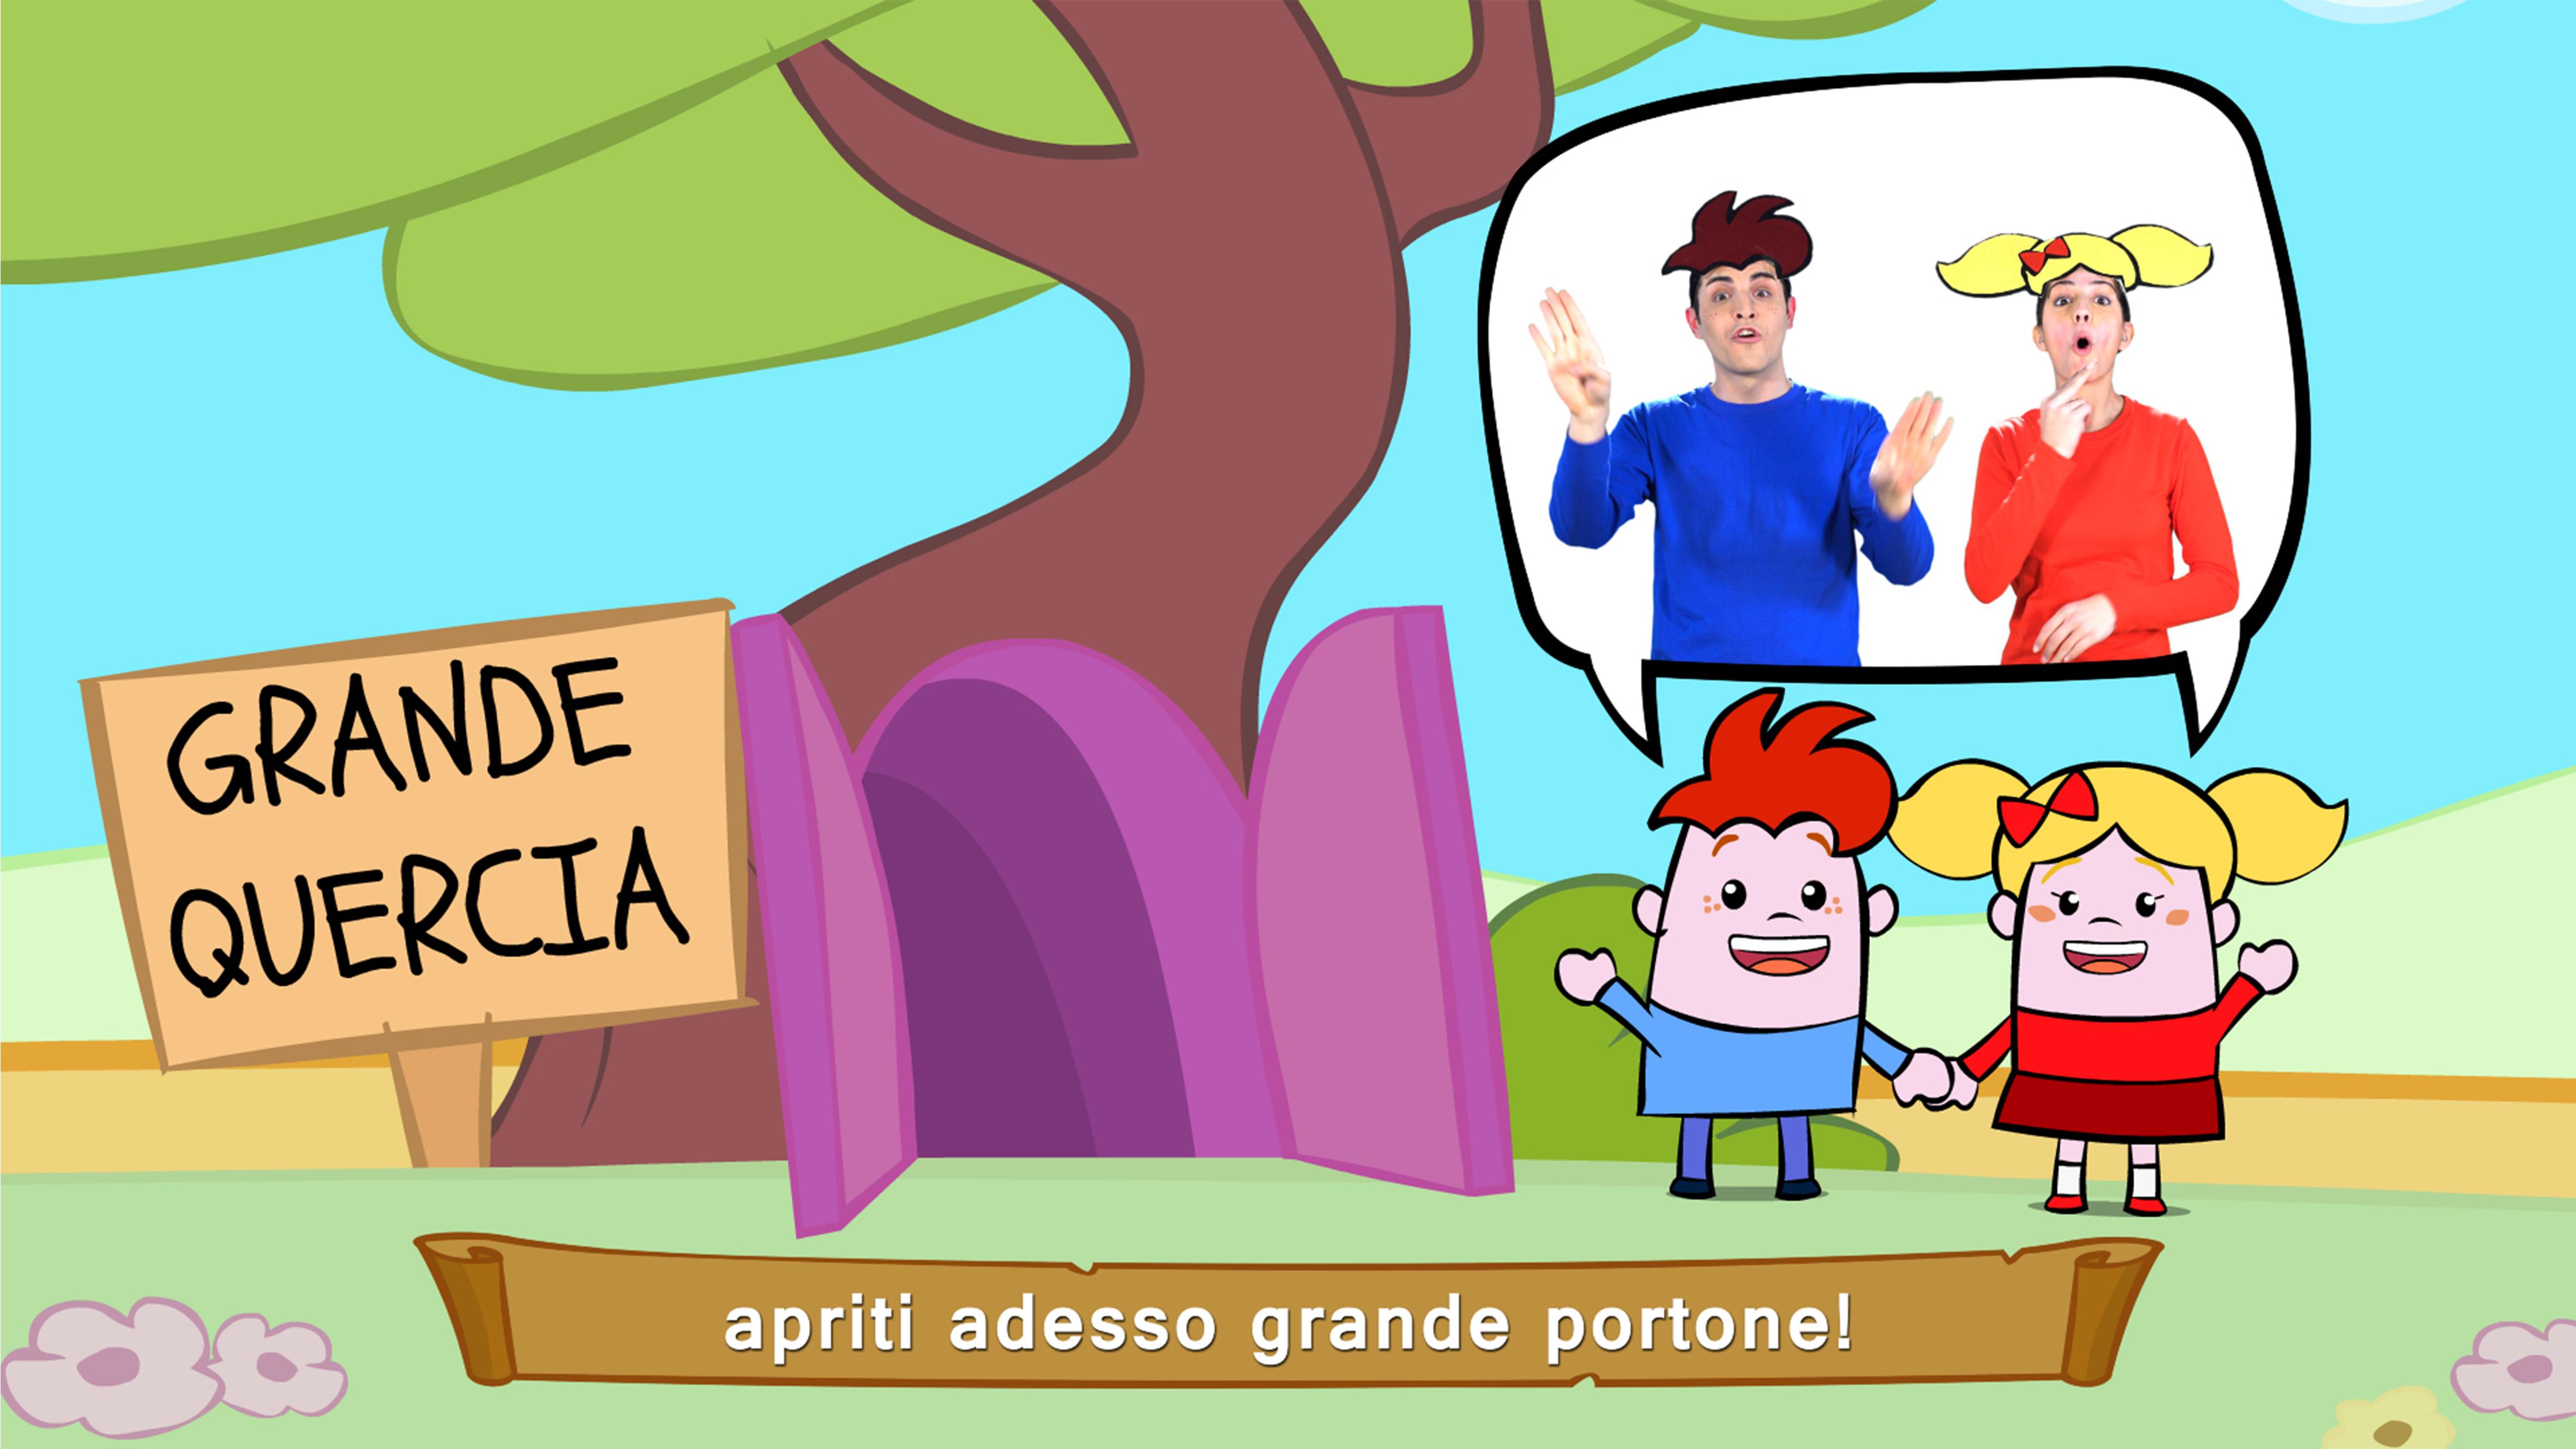 cartone animato per disabili-lampadino e caramella-cartone animato per disabili rai-cartone animato per disabili rai yo yo-rai yo yo-lampadino e caramella rai yo yo-ability channel